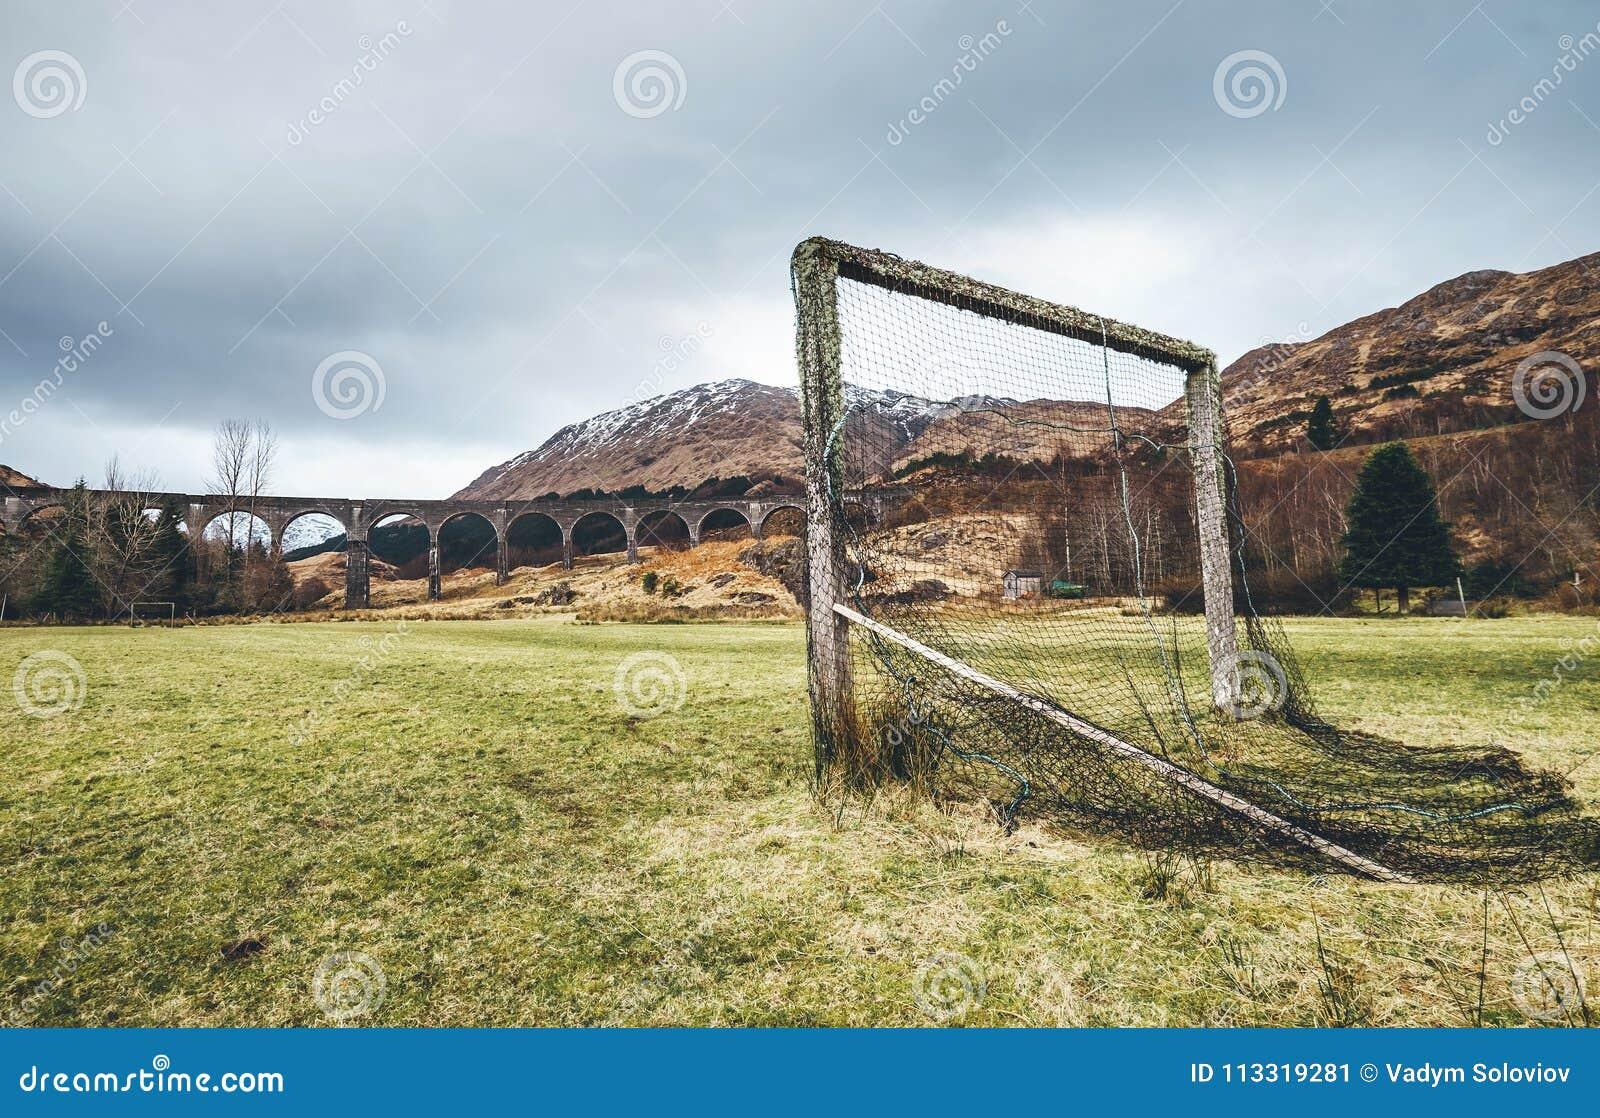 Vieja puerta del fútbol en el patio de la hierba verde cerca del viaducto famoso de Glenfinnan en Escocia, Reino Unido